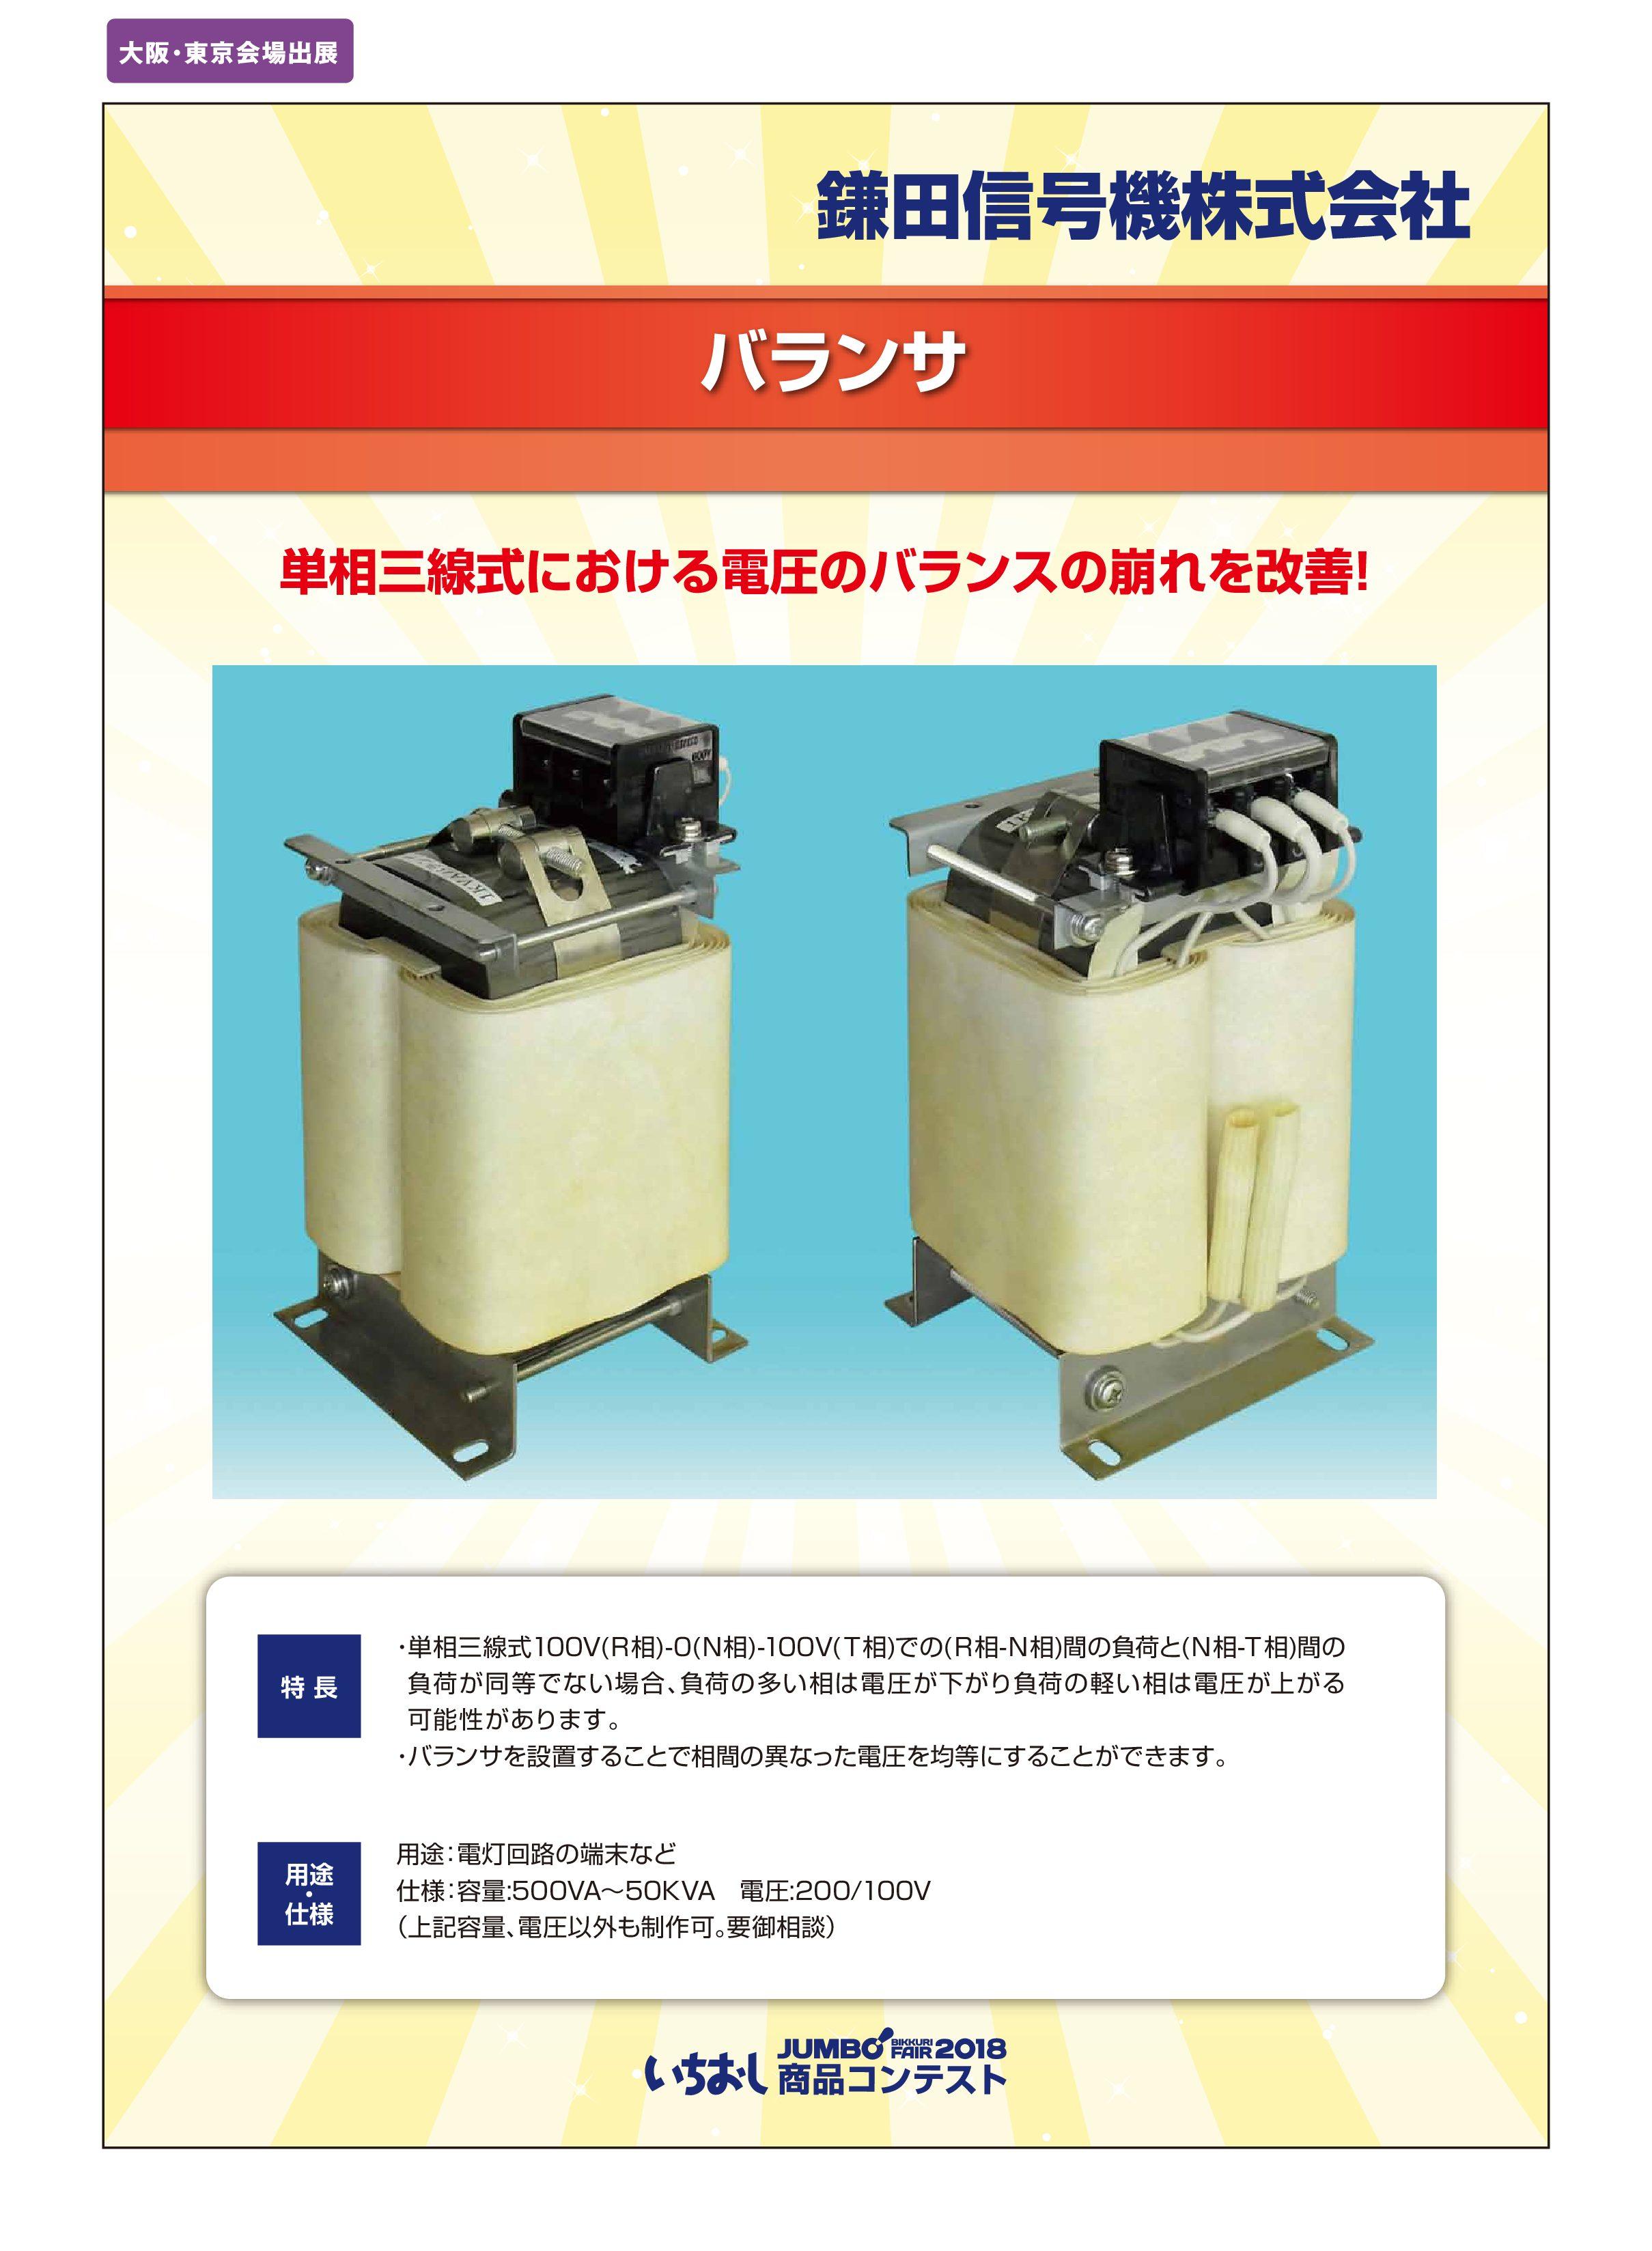 「バランサ」鎌田信号機株式会社の画像